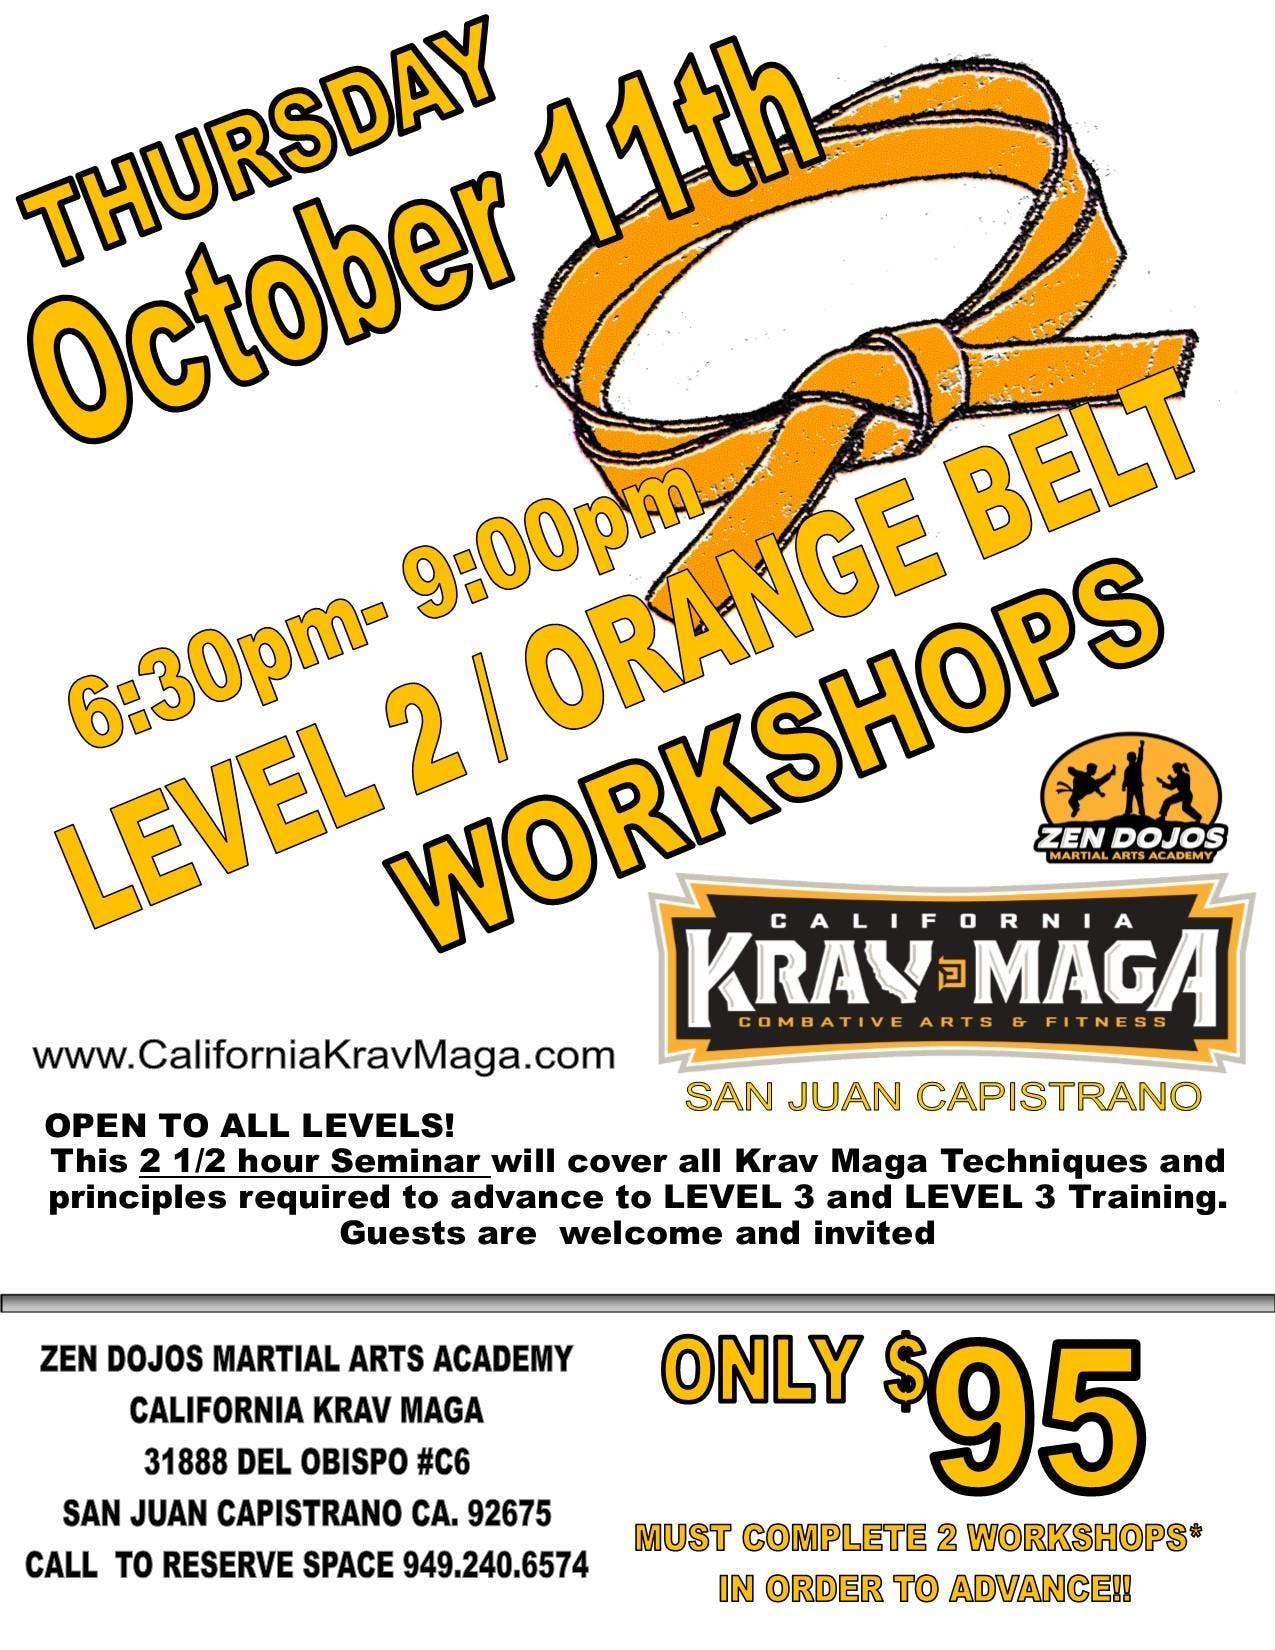 Krav Maga Orange Belt Workshop 18 Oct 2018